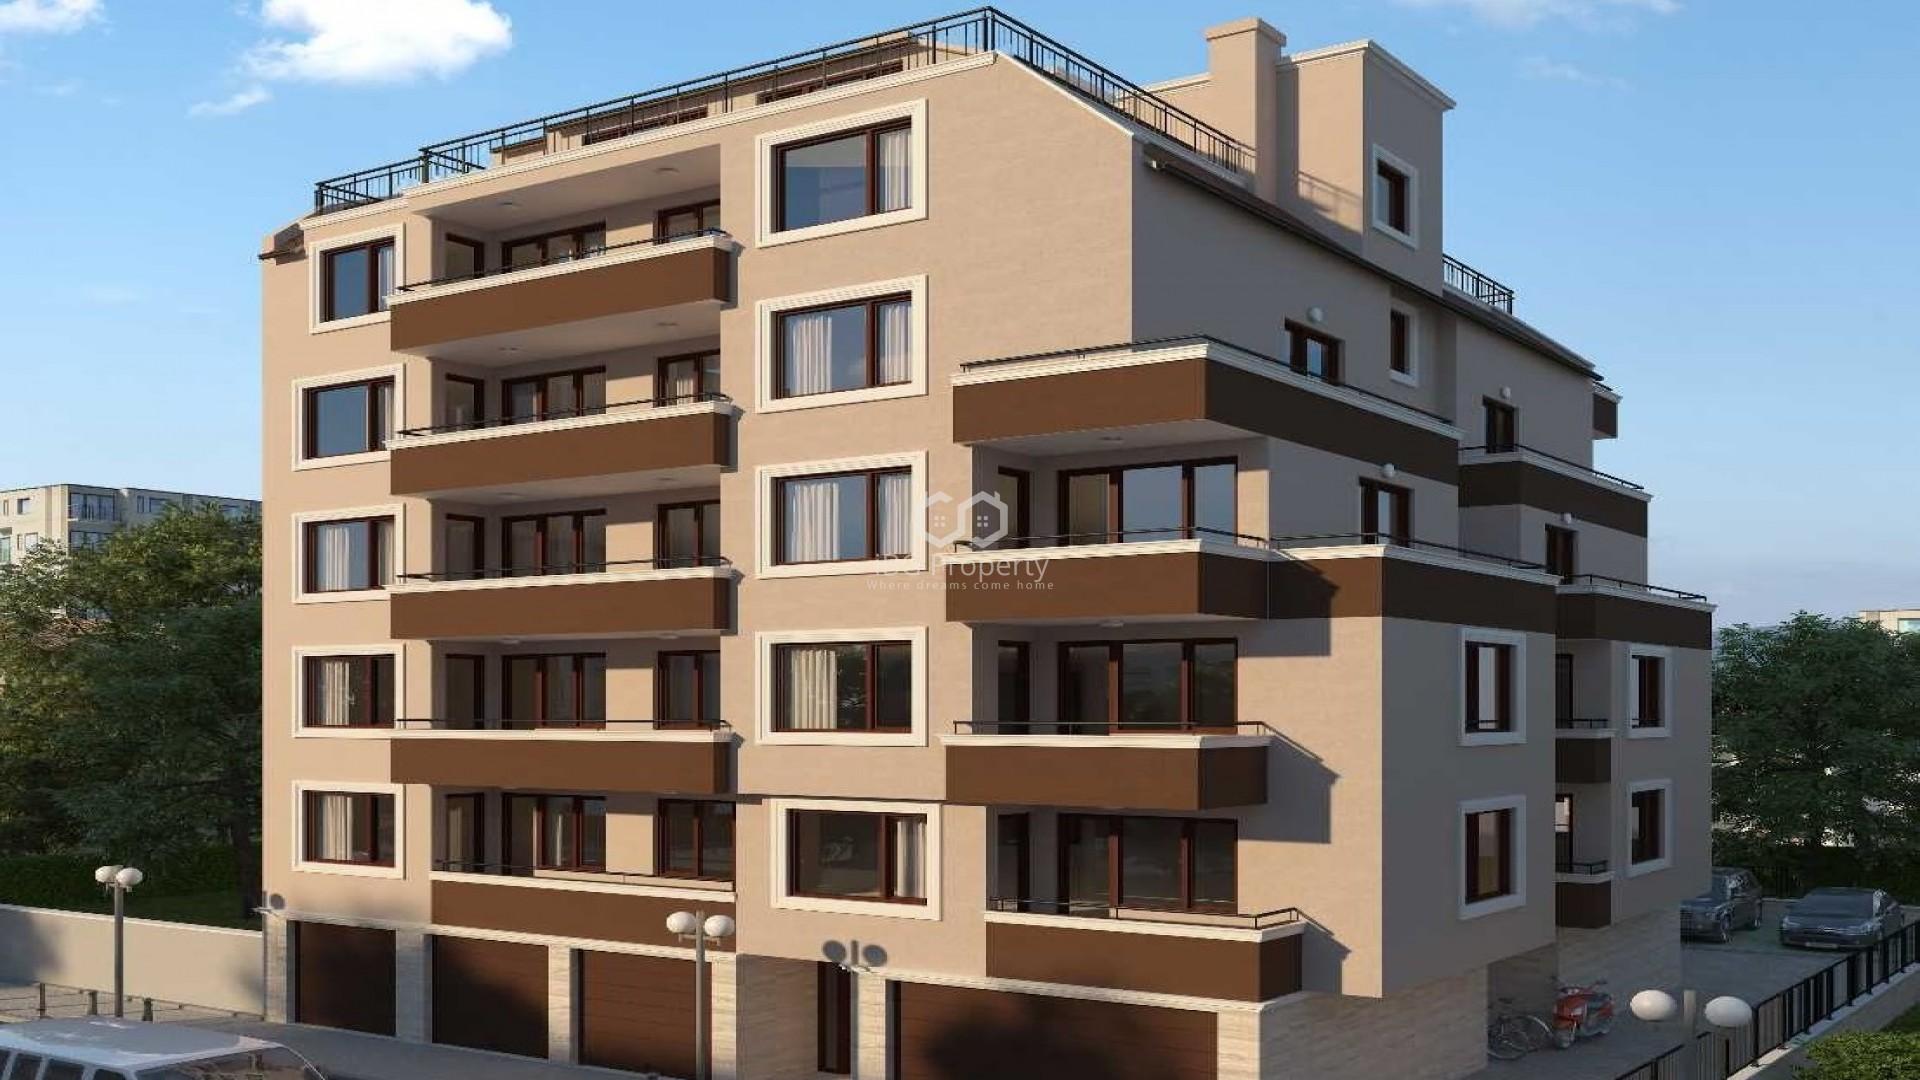 One bedroom apartment Troshevo Varna 54 m2